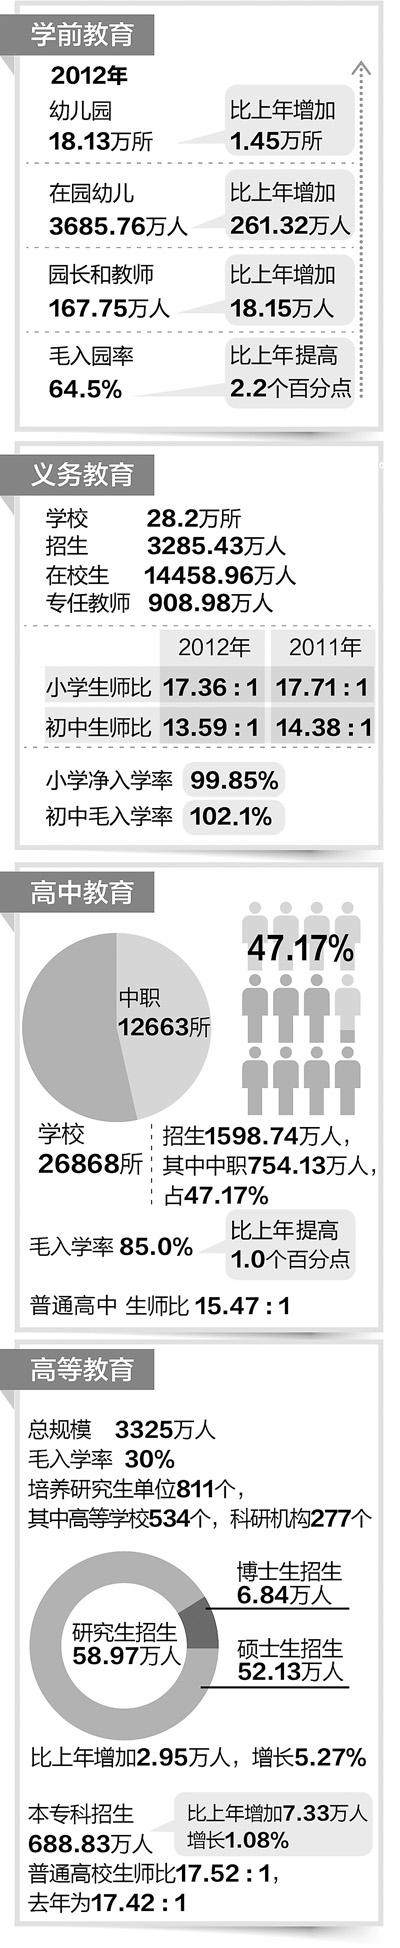 2012年教育发展统计公报发布 - 古藤新枝 - 古藤的博客